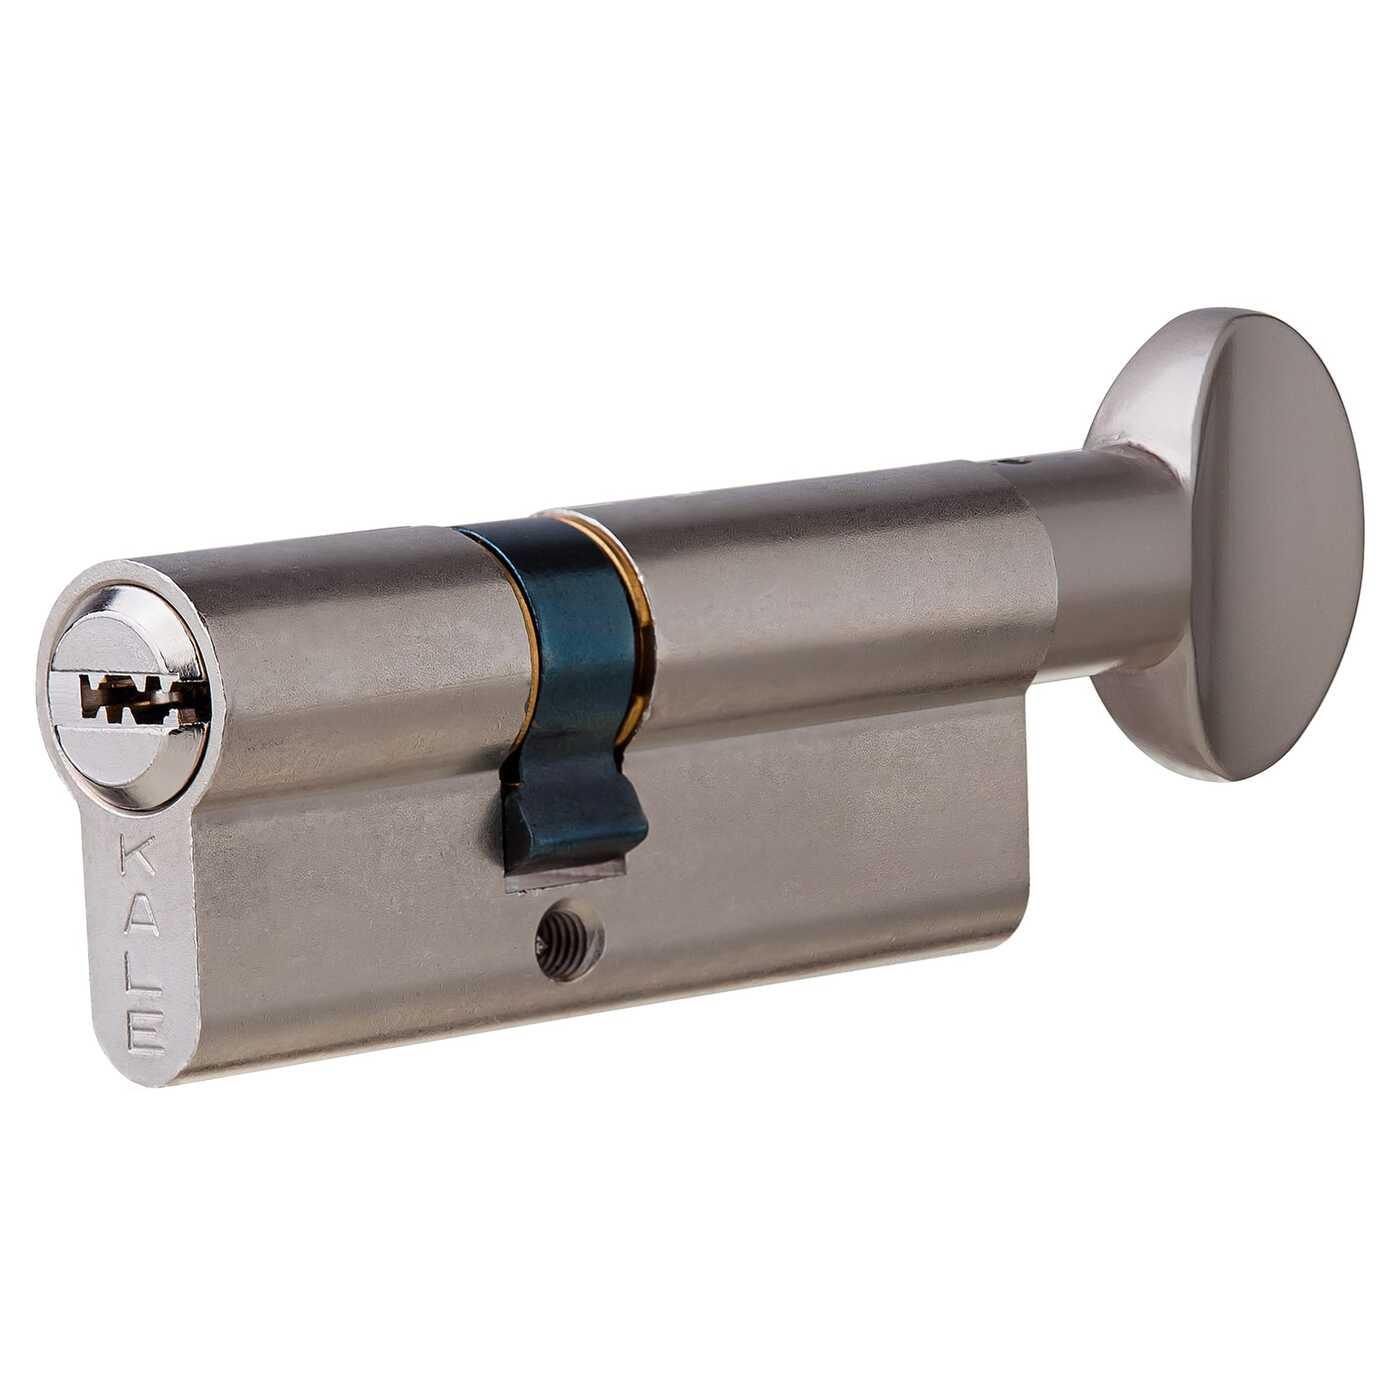 Цилиндр 164SM-80-C-NI, 30х40 мм, ключ/вертушка, цвет никель